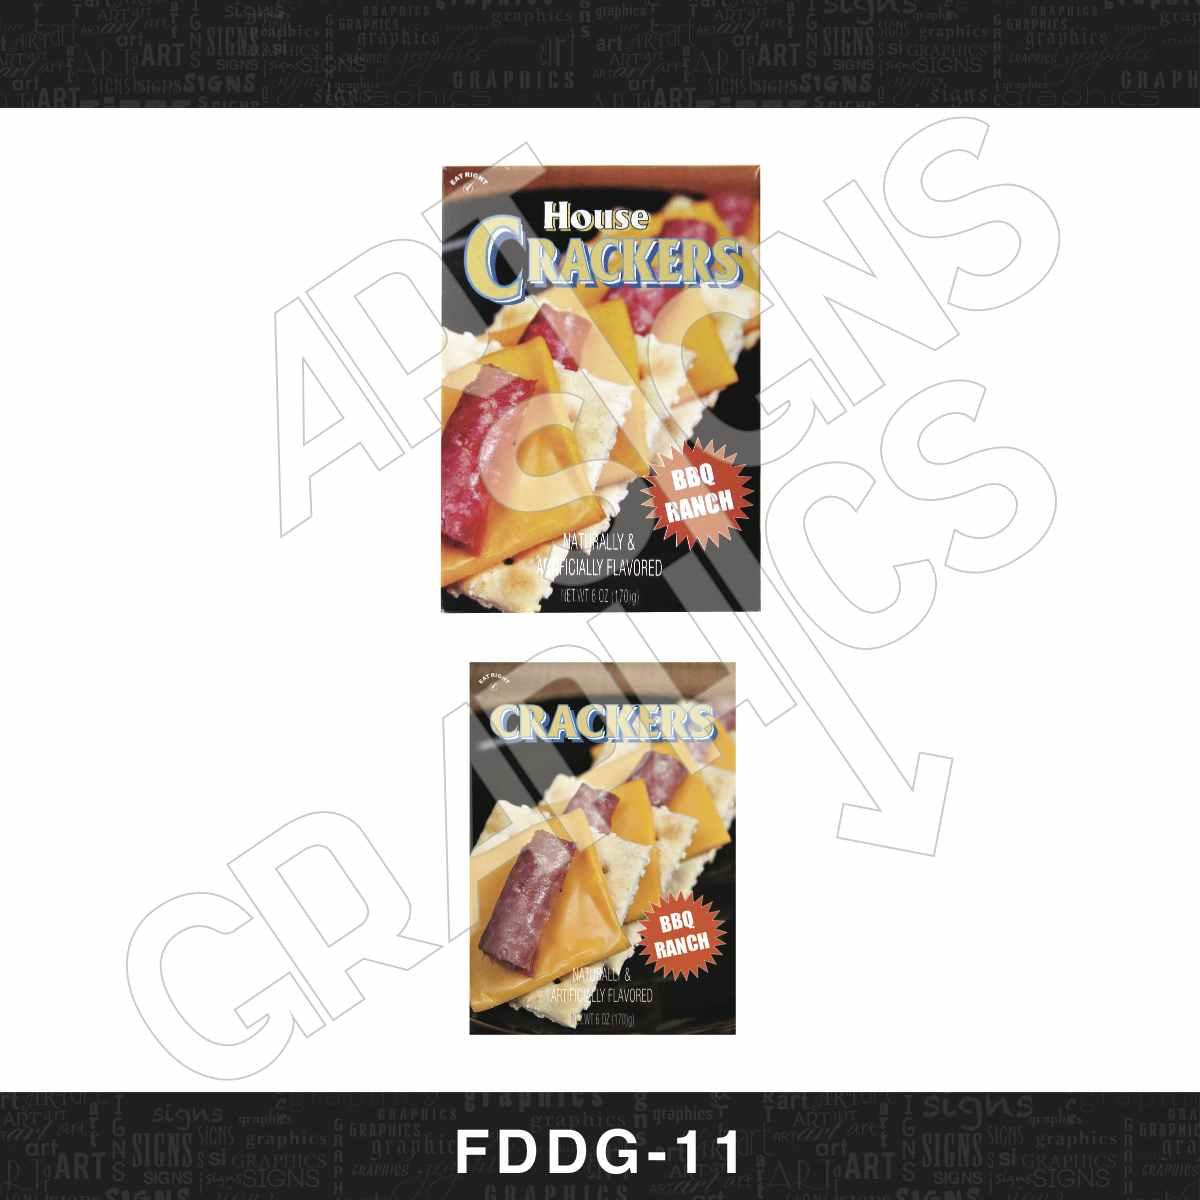 FDDG-11.jpg